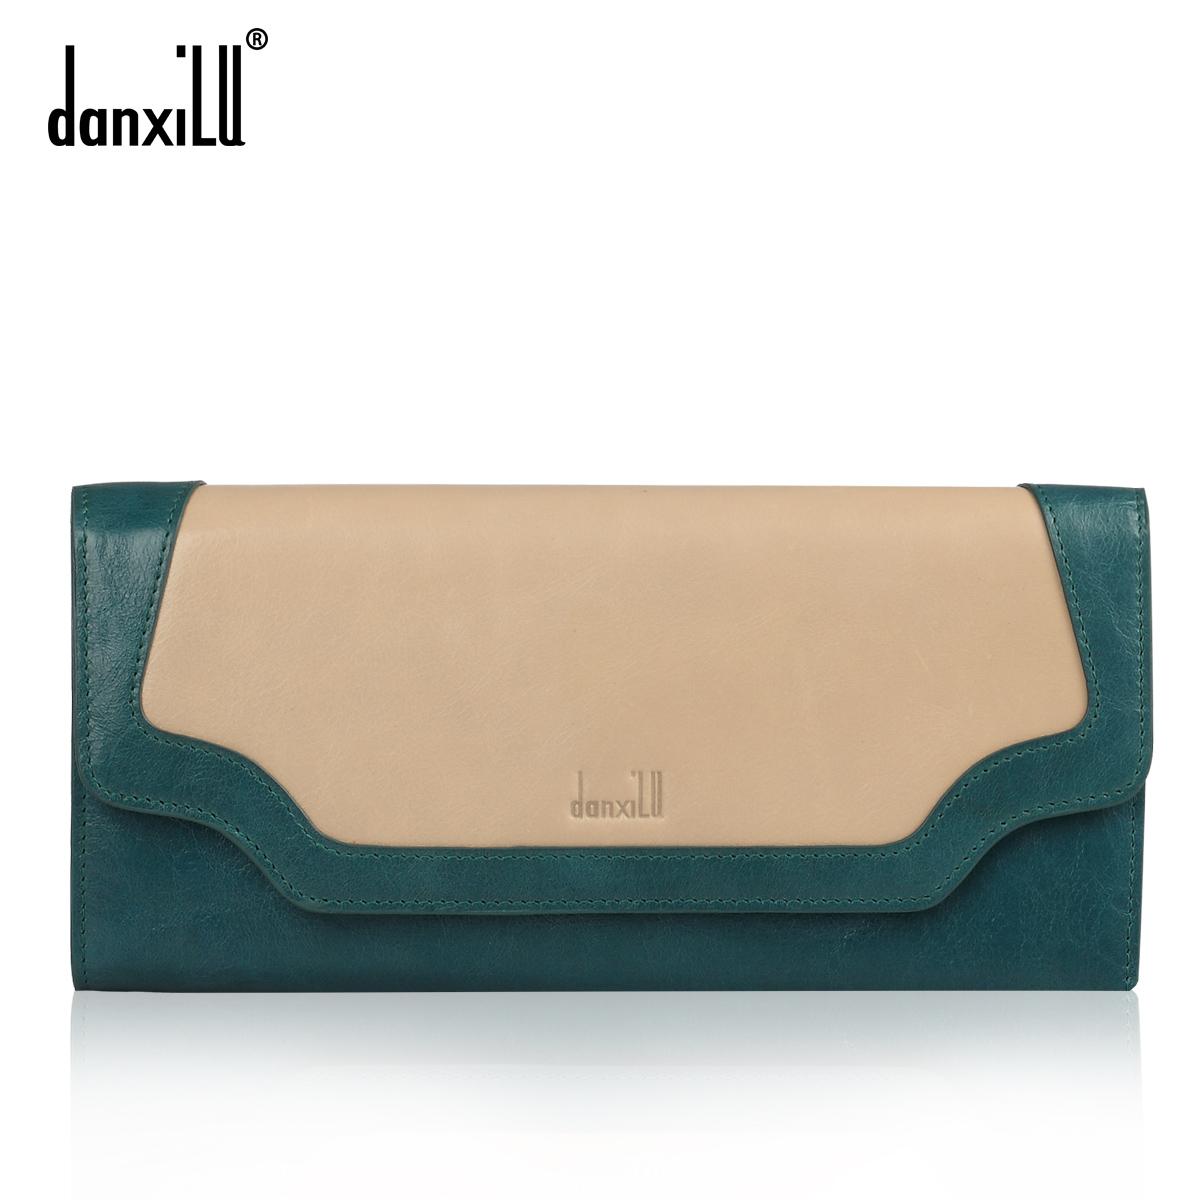 бумажник Danxilu d/12w6003 бумажник d